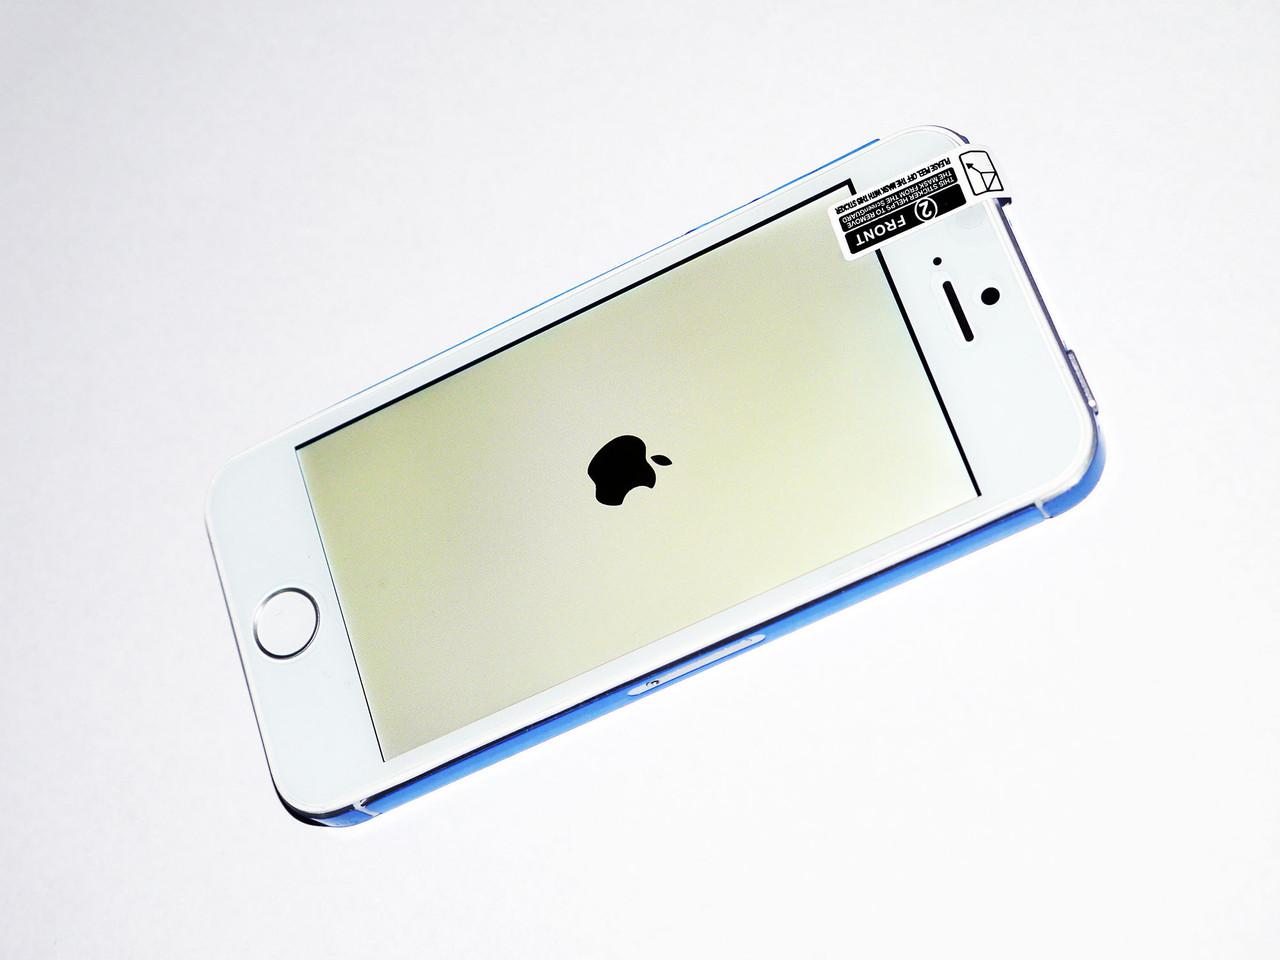 Телефон IPhone 5S copy Android 2Ядра +512RAM +8GB Rom+АGPS, фото 1